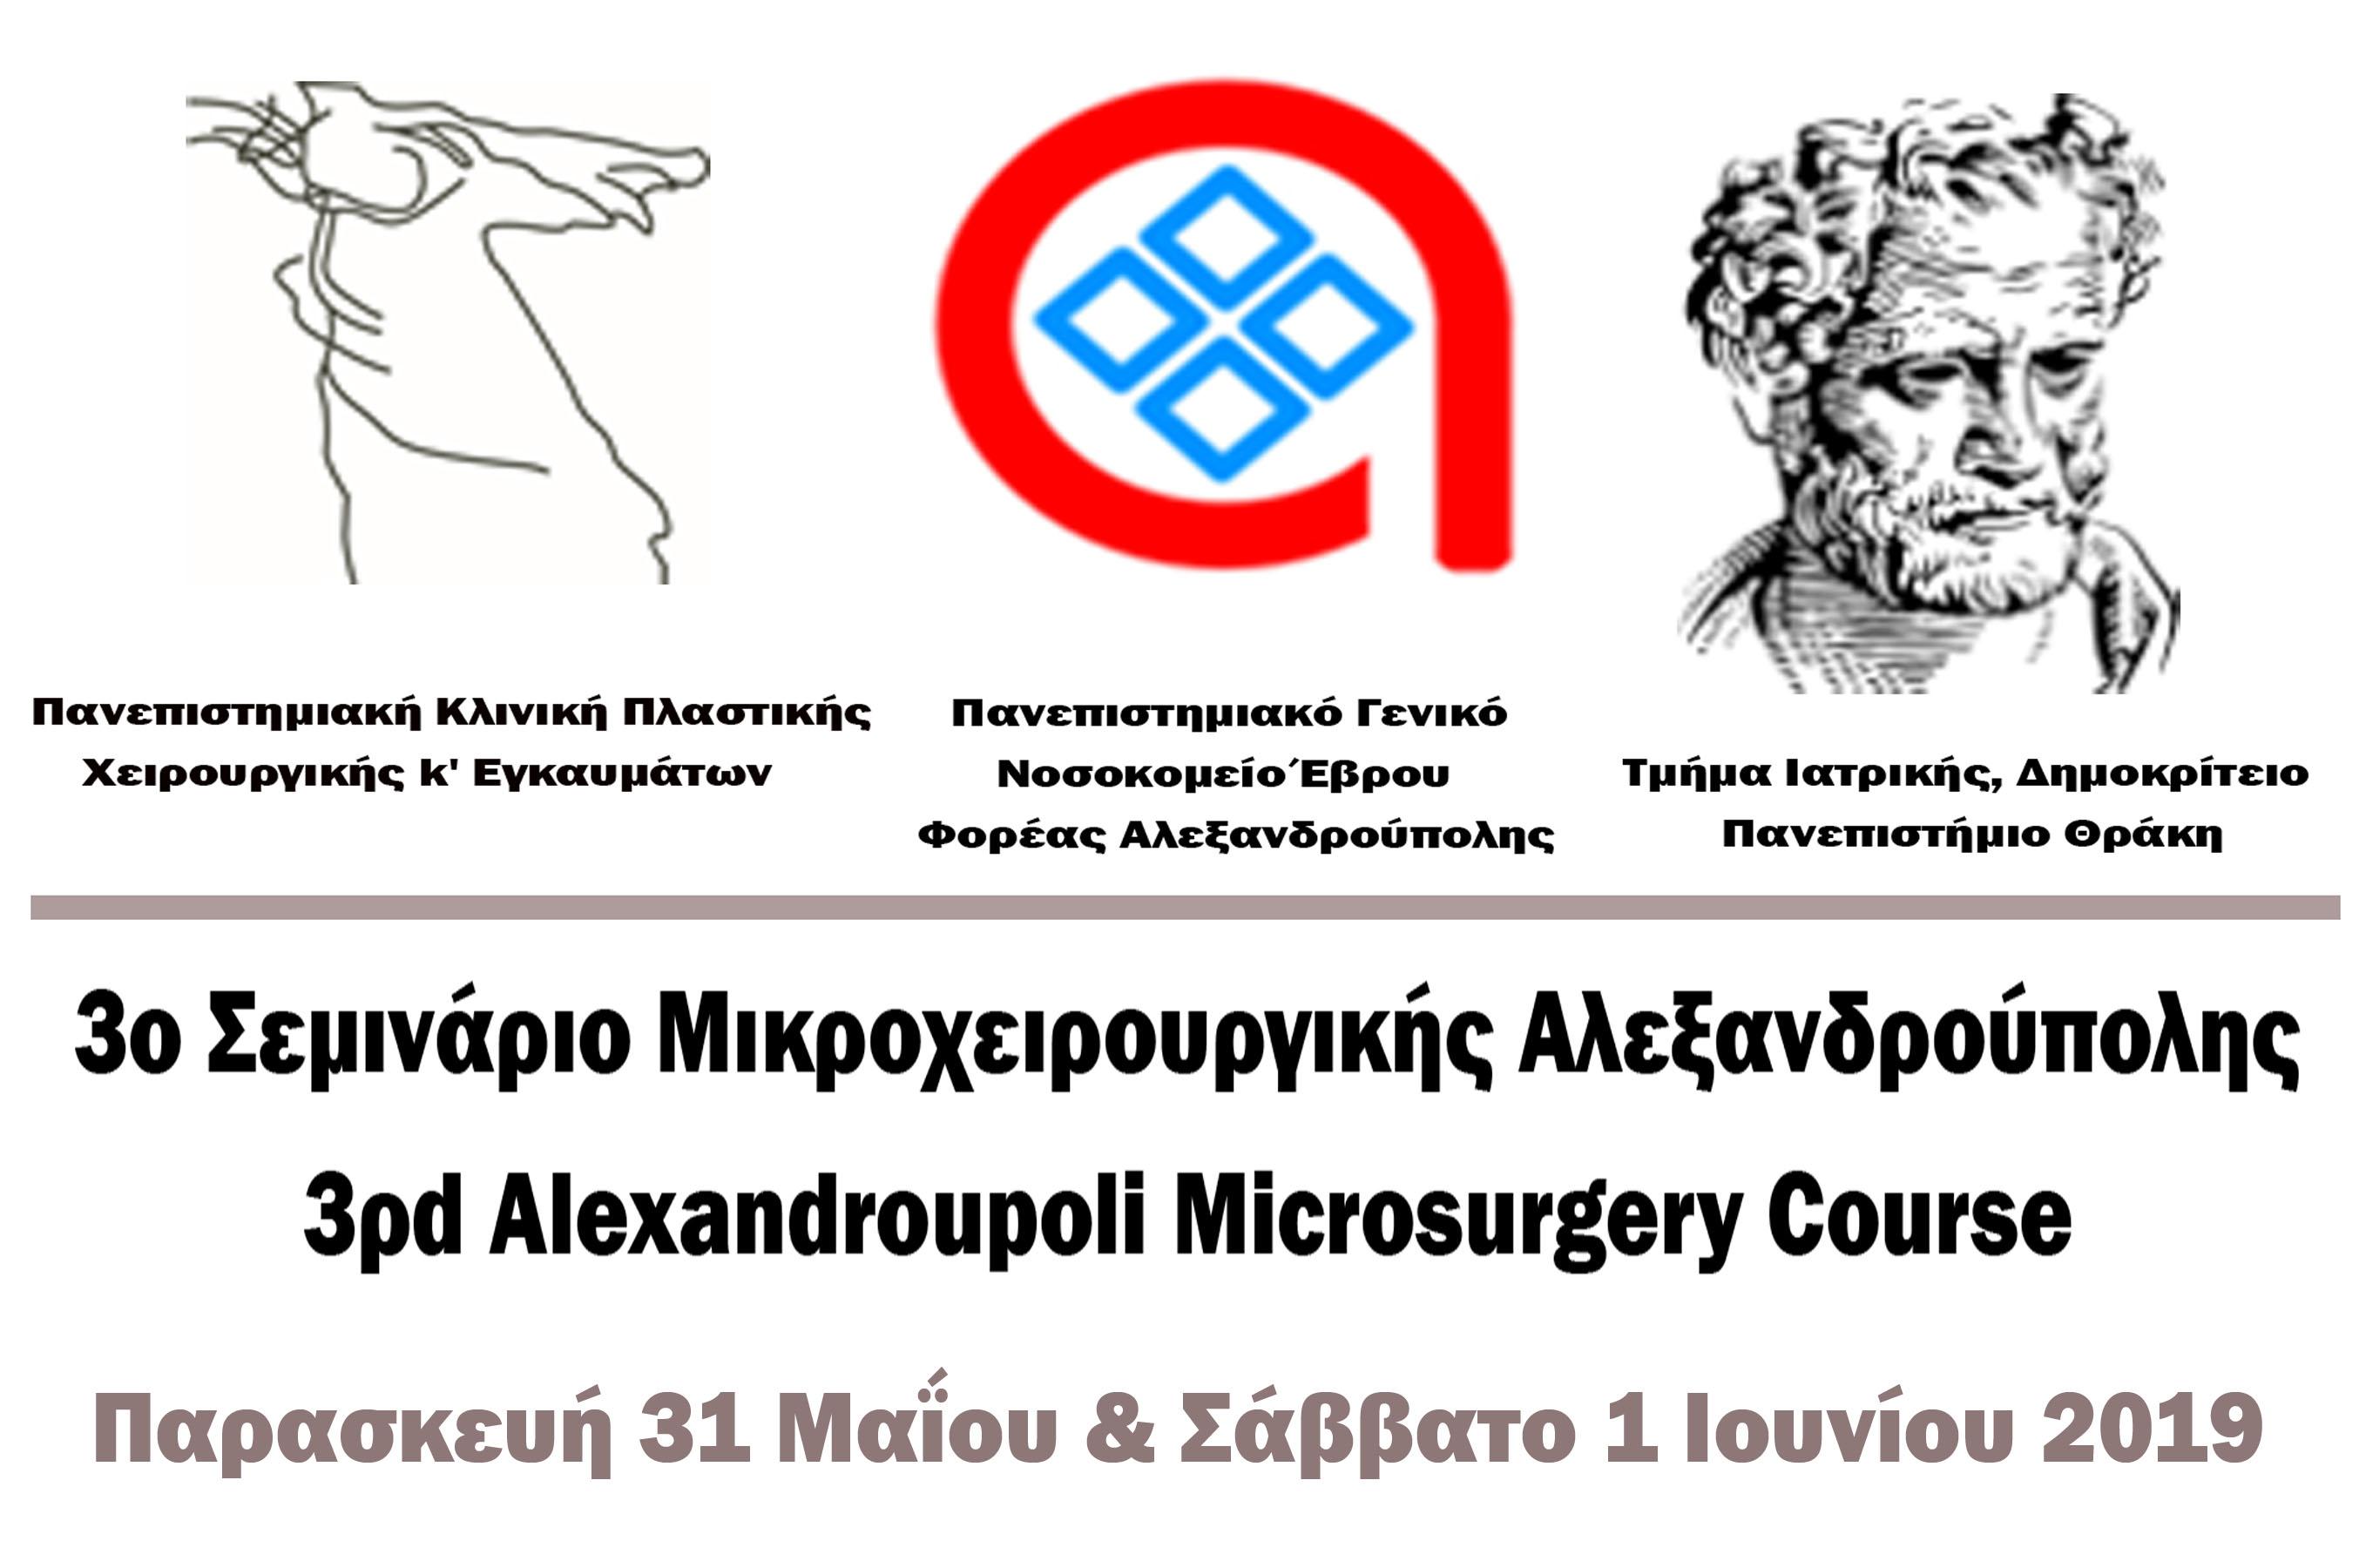 3ρd Alexandroupoli Microsurgery Course